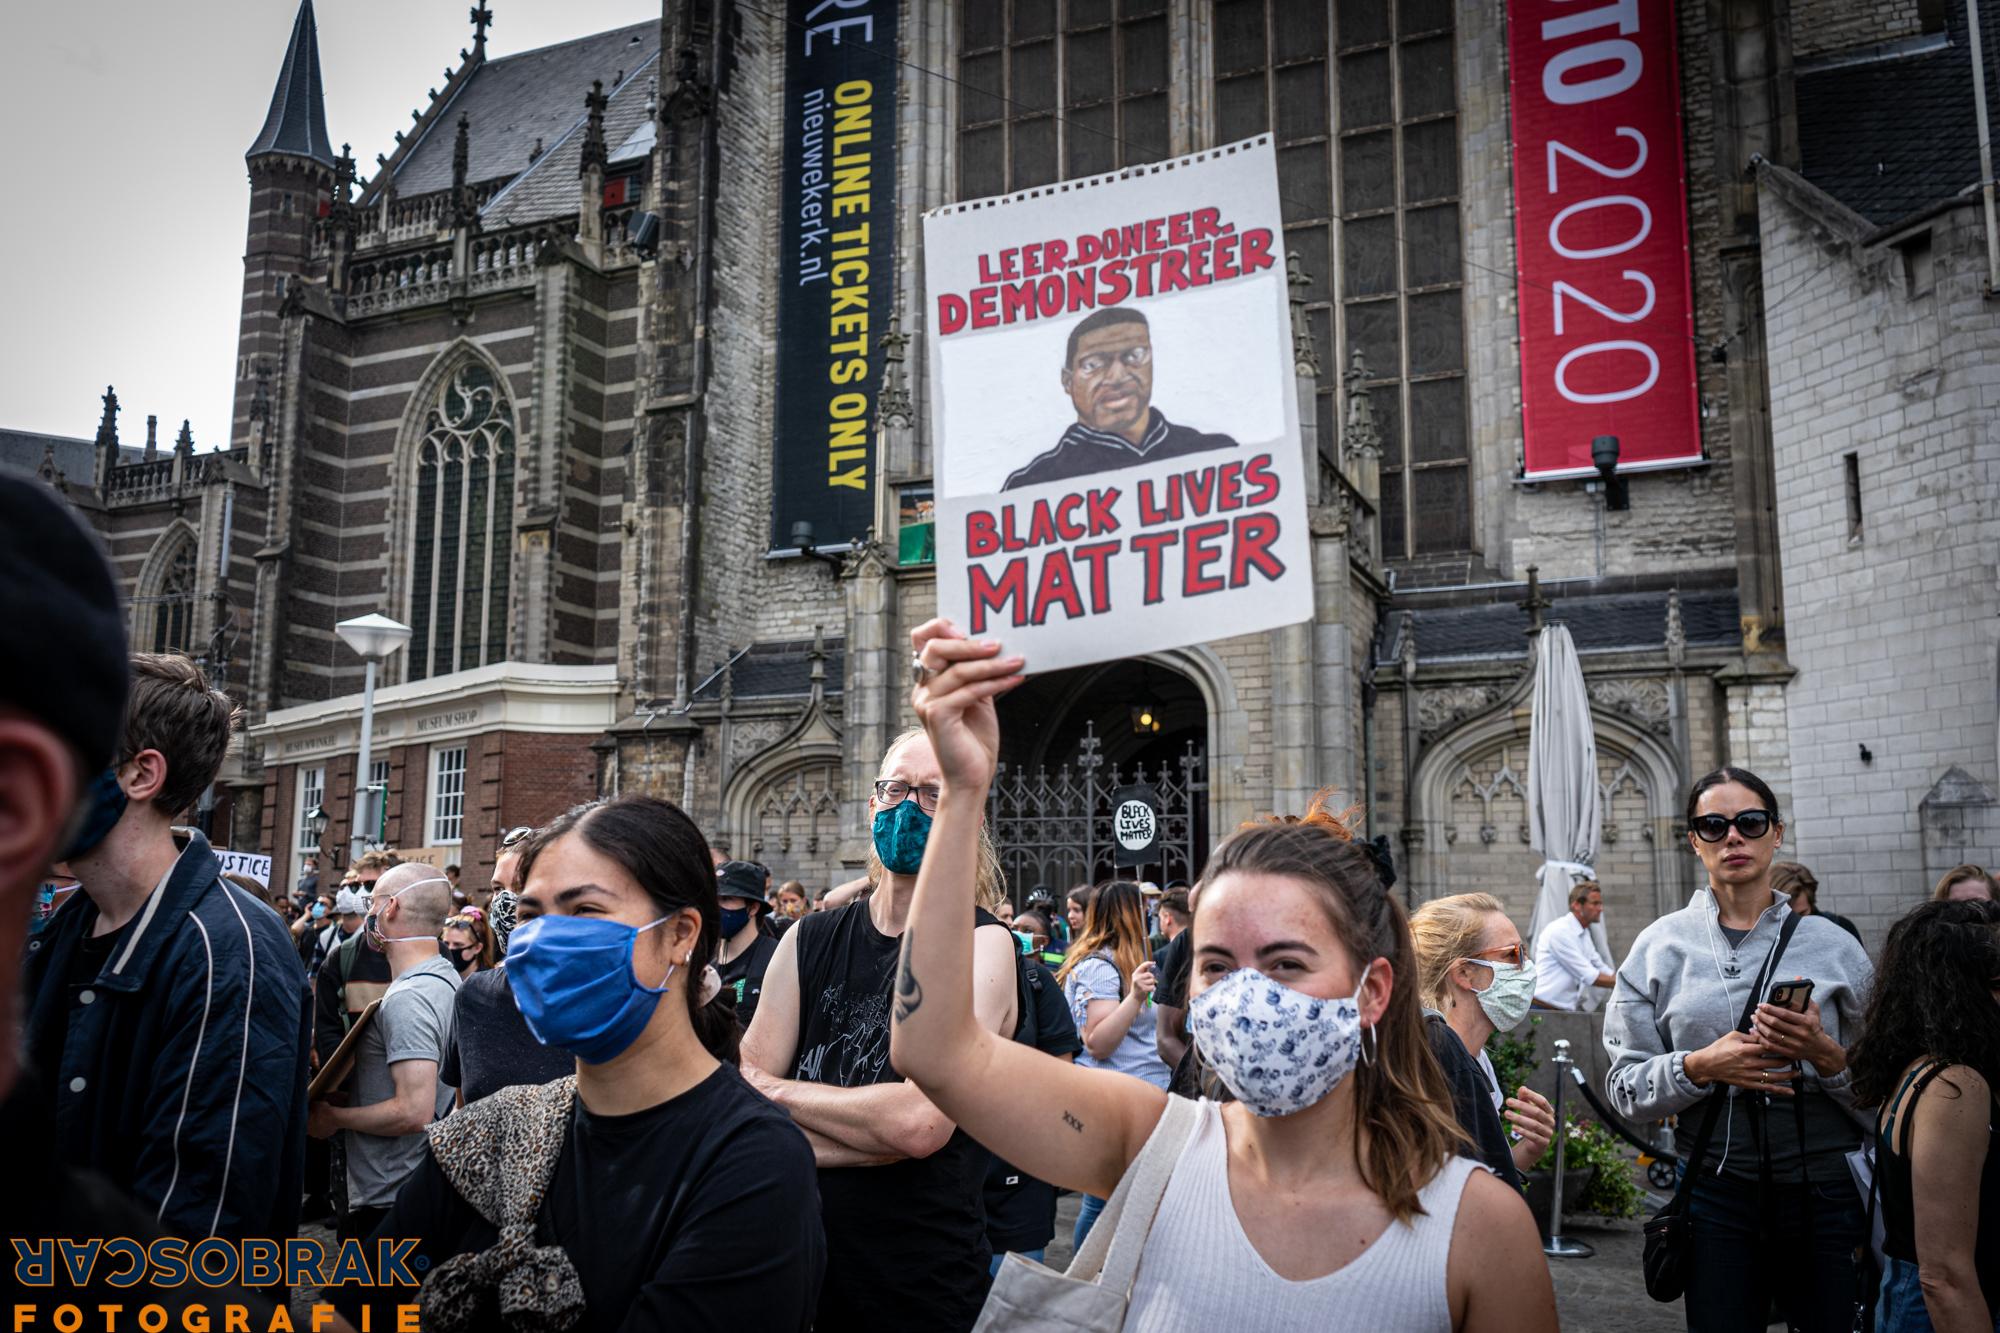 police brutality, black lives matters, amsterdam, oscar brak fotografie